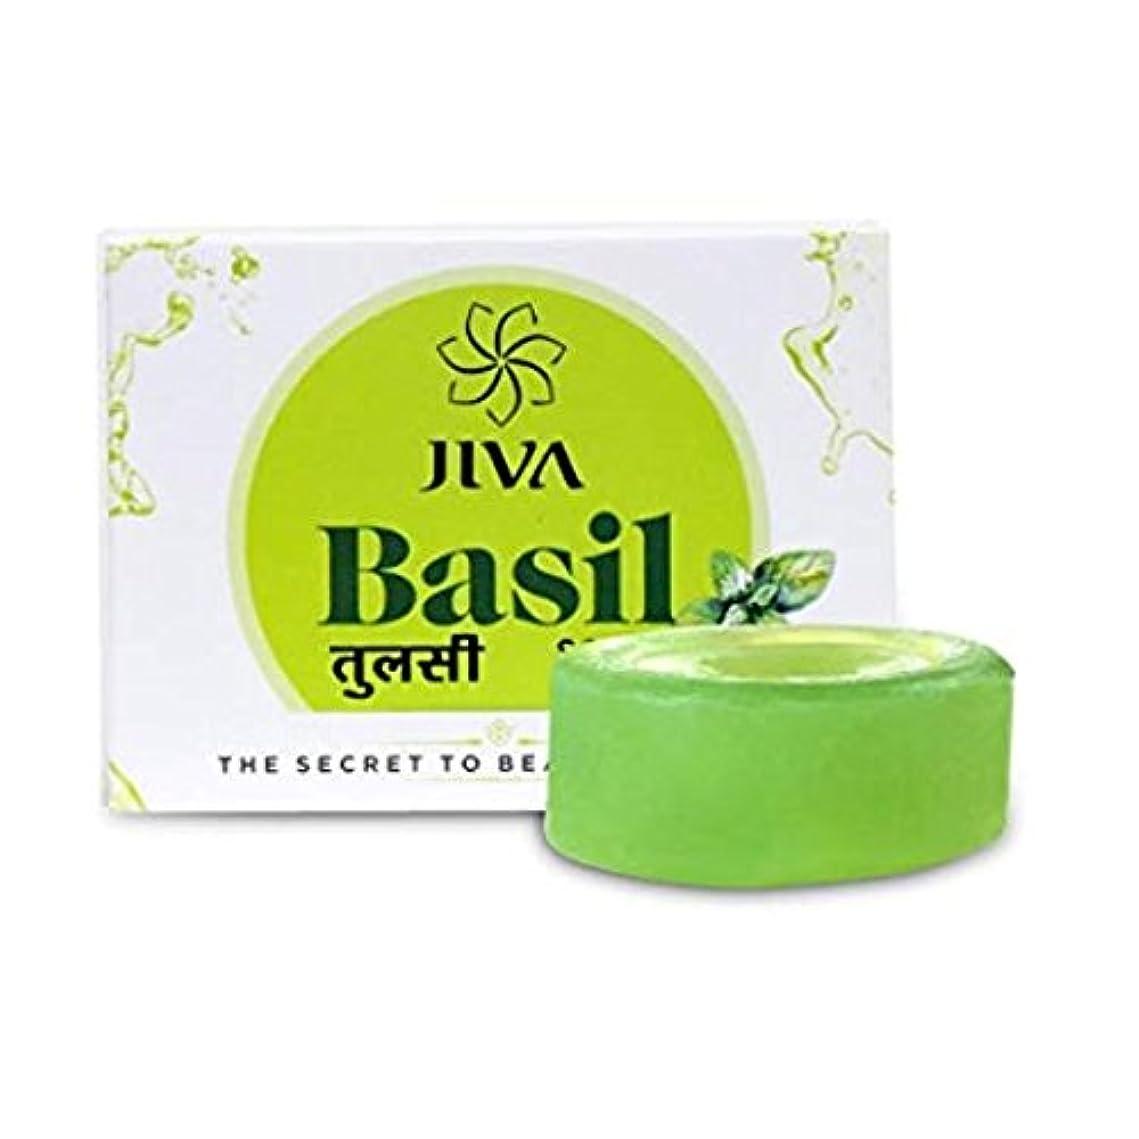 Jiva Ayurveda Basil Soap